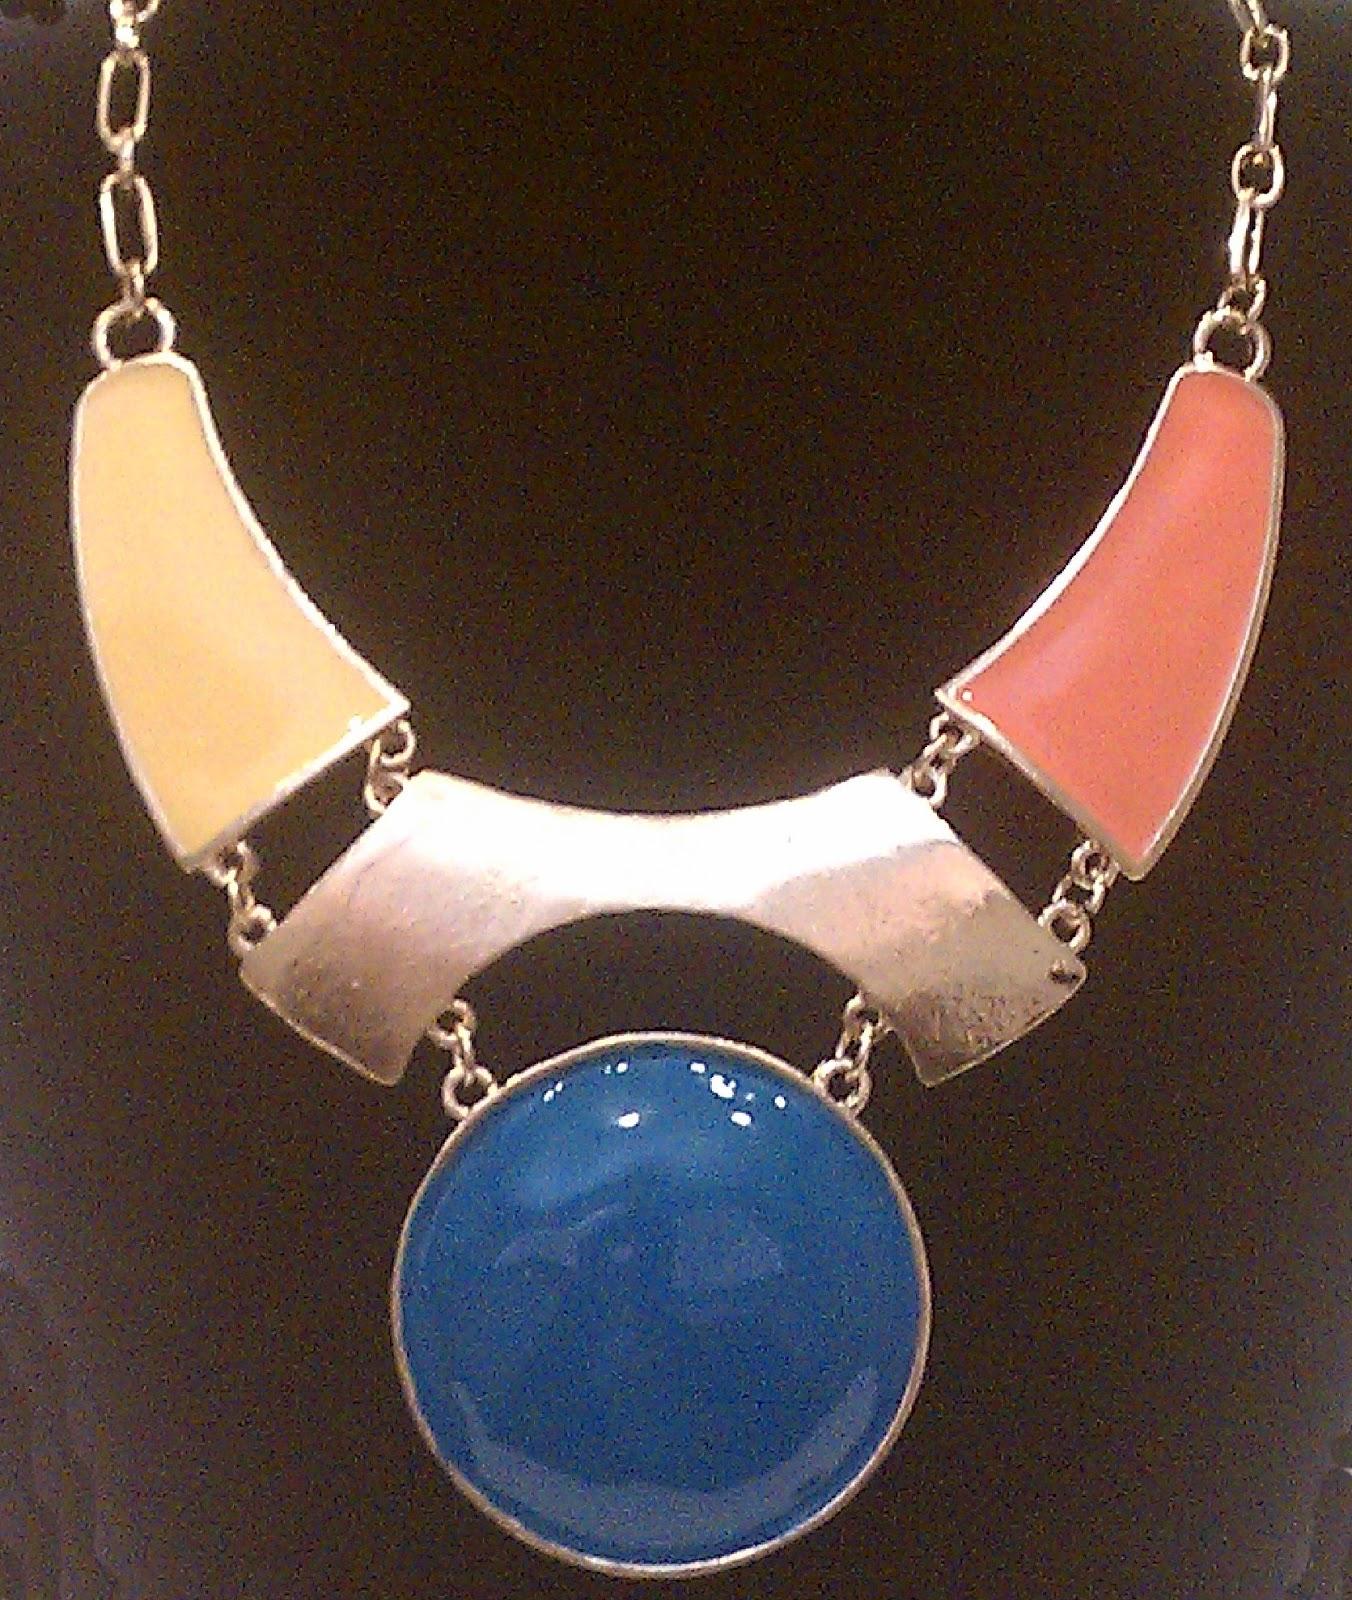 http://2.bp.blogspot.com/-dPKDaTZ_KYo/UAhXmGxRalI/AAAAAAAAAzU/IdPSm-2pAP8/s1600/blue+circle+necklace+adjusted.jpg